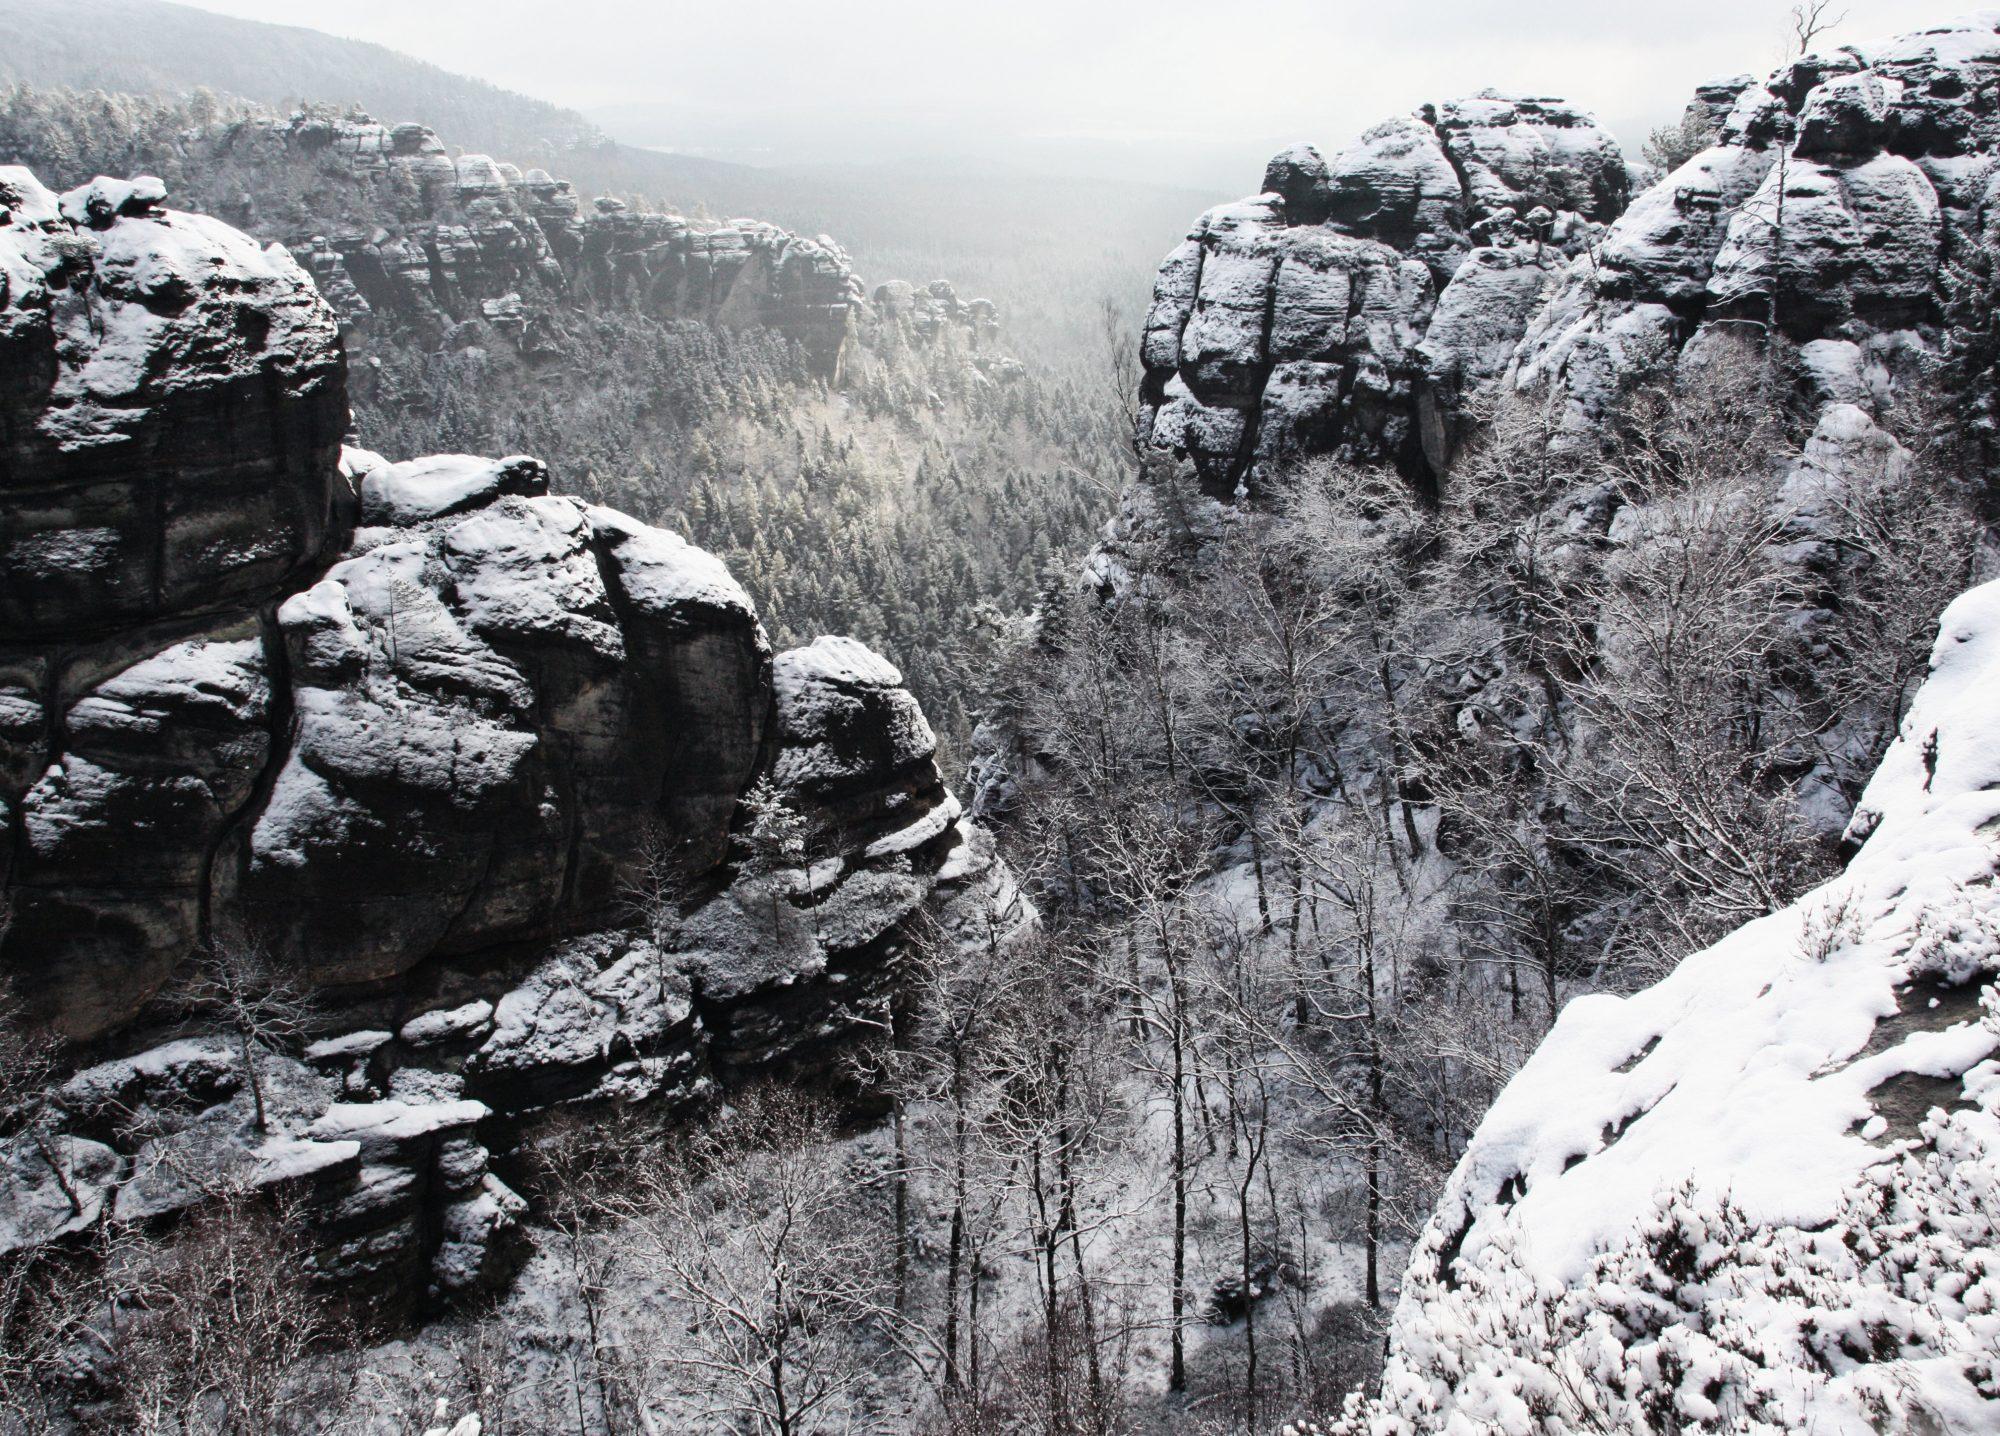 Aussicht Dorn, Elbsandsteingebirge, Sächsische Schweiz, Wandern, Wandertour